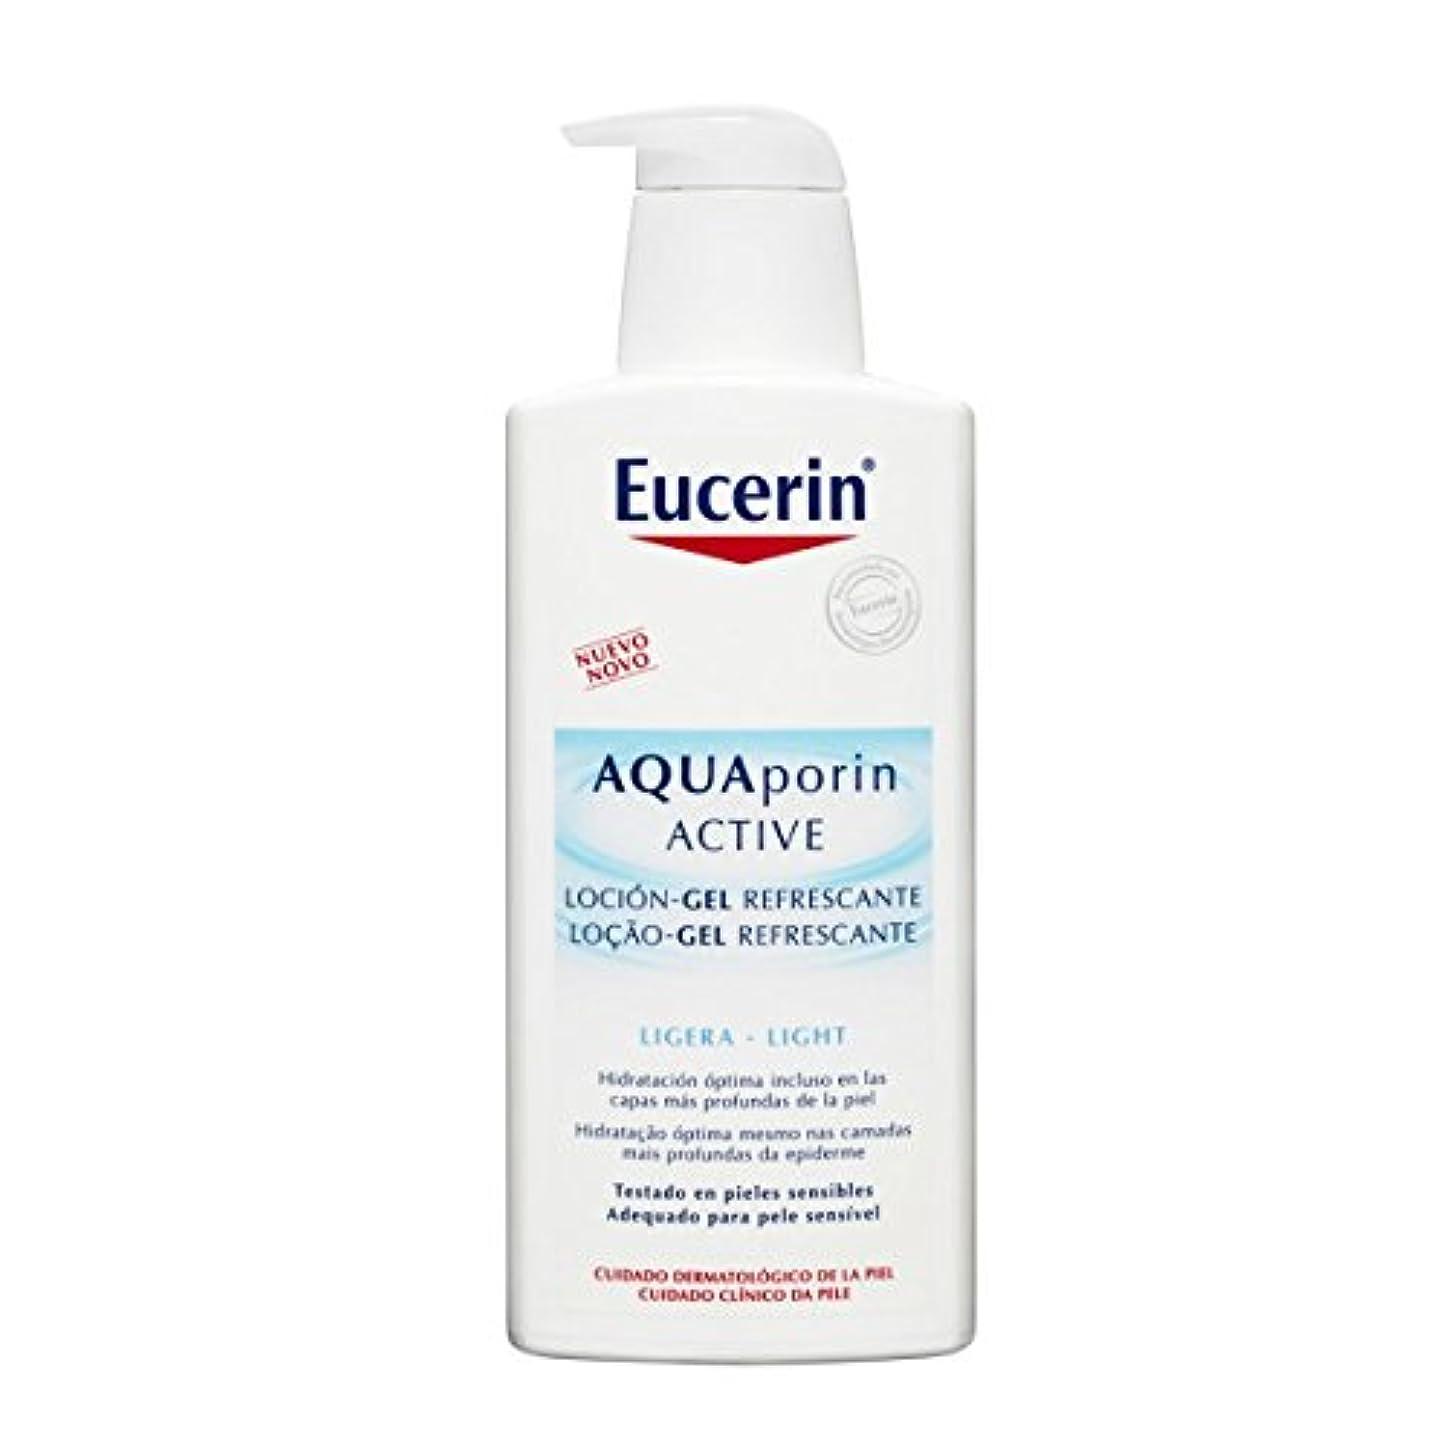 ベッツィトロットウッドシャツポットEucerin Aquaporin Active Intense Body Balm 400ml [並行輸入品]